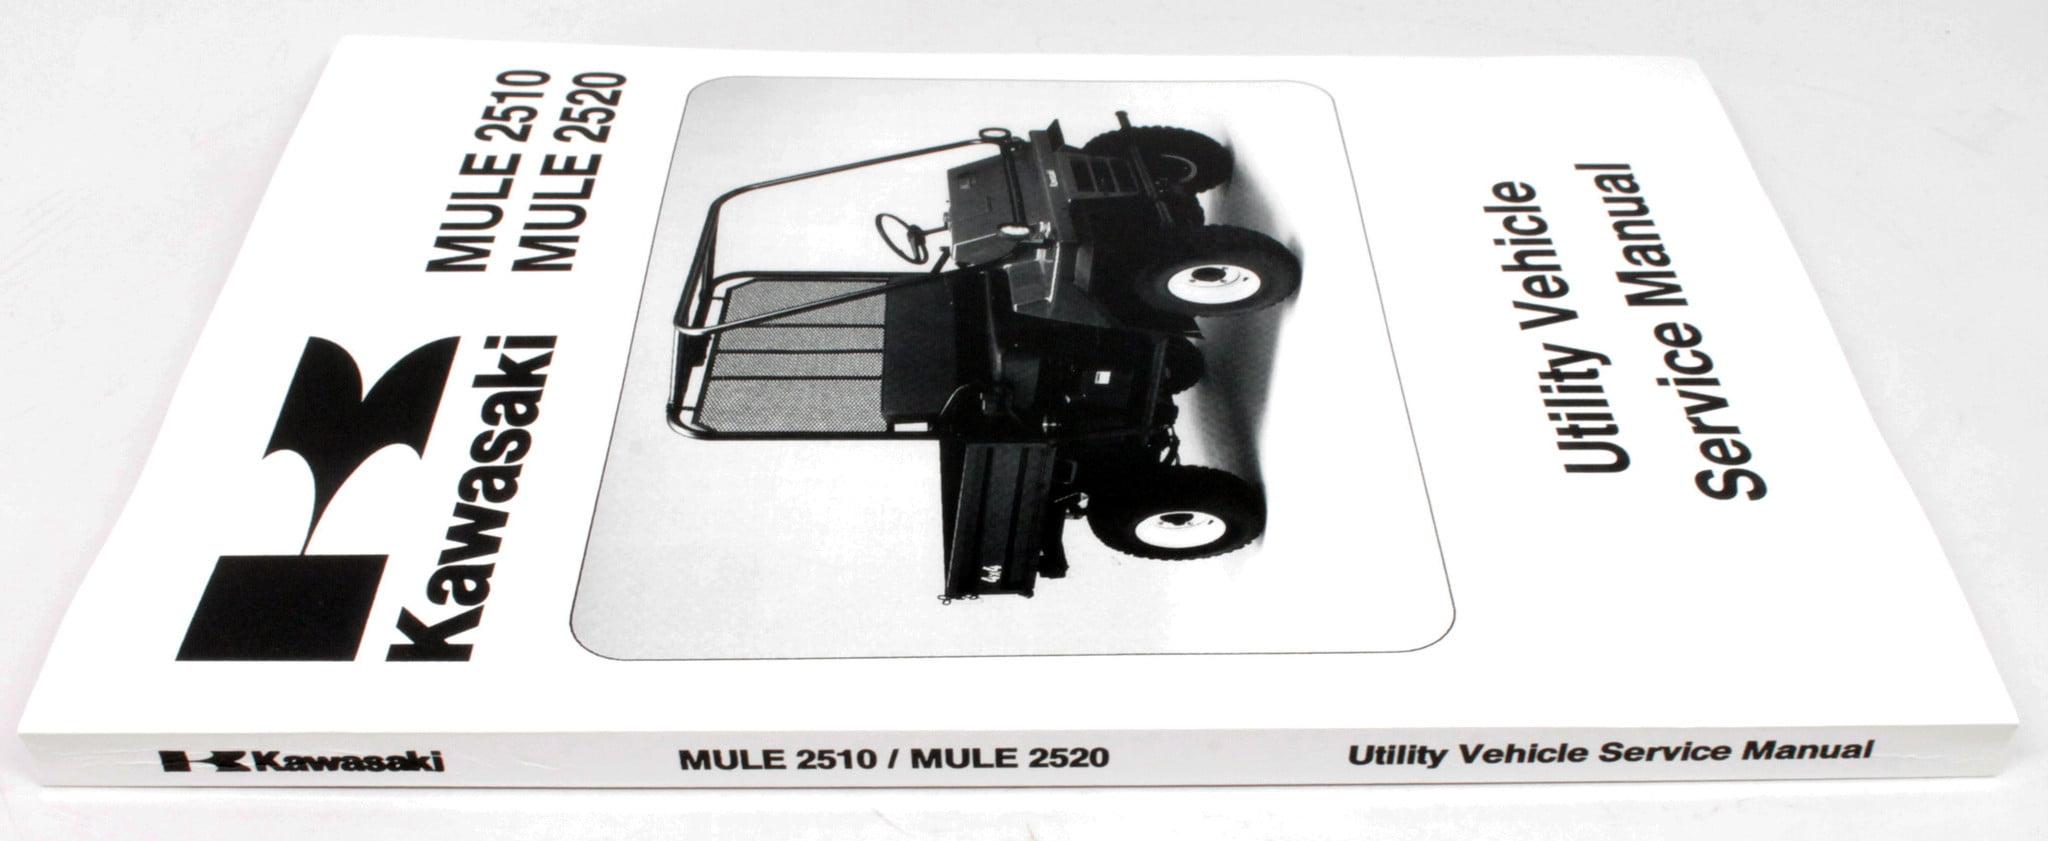 Kawasaki 1993-1995 1997-2000 Mule 2500 2510 2520 4x4 UTV Service Manual  99924-1163-03 New OEM - Walmart.com